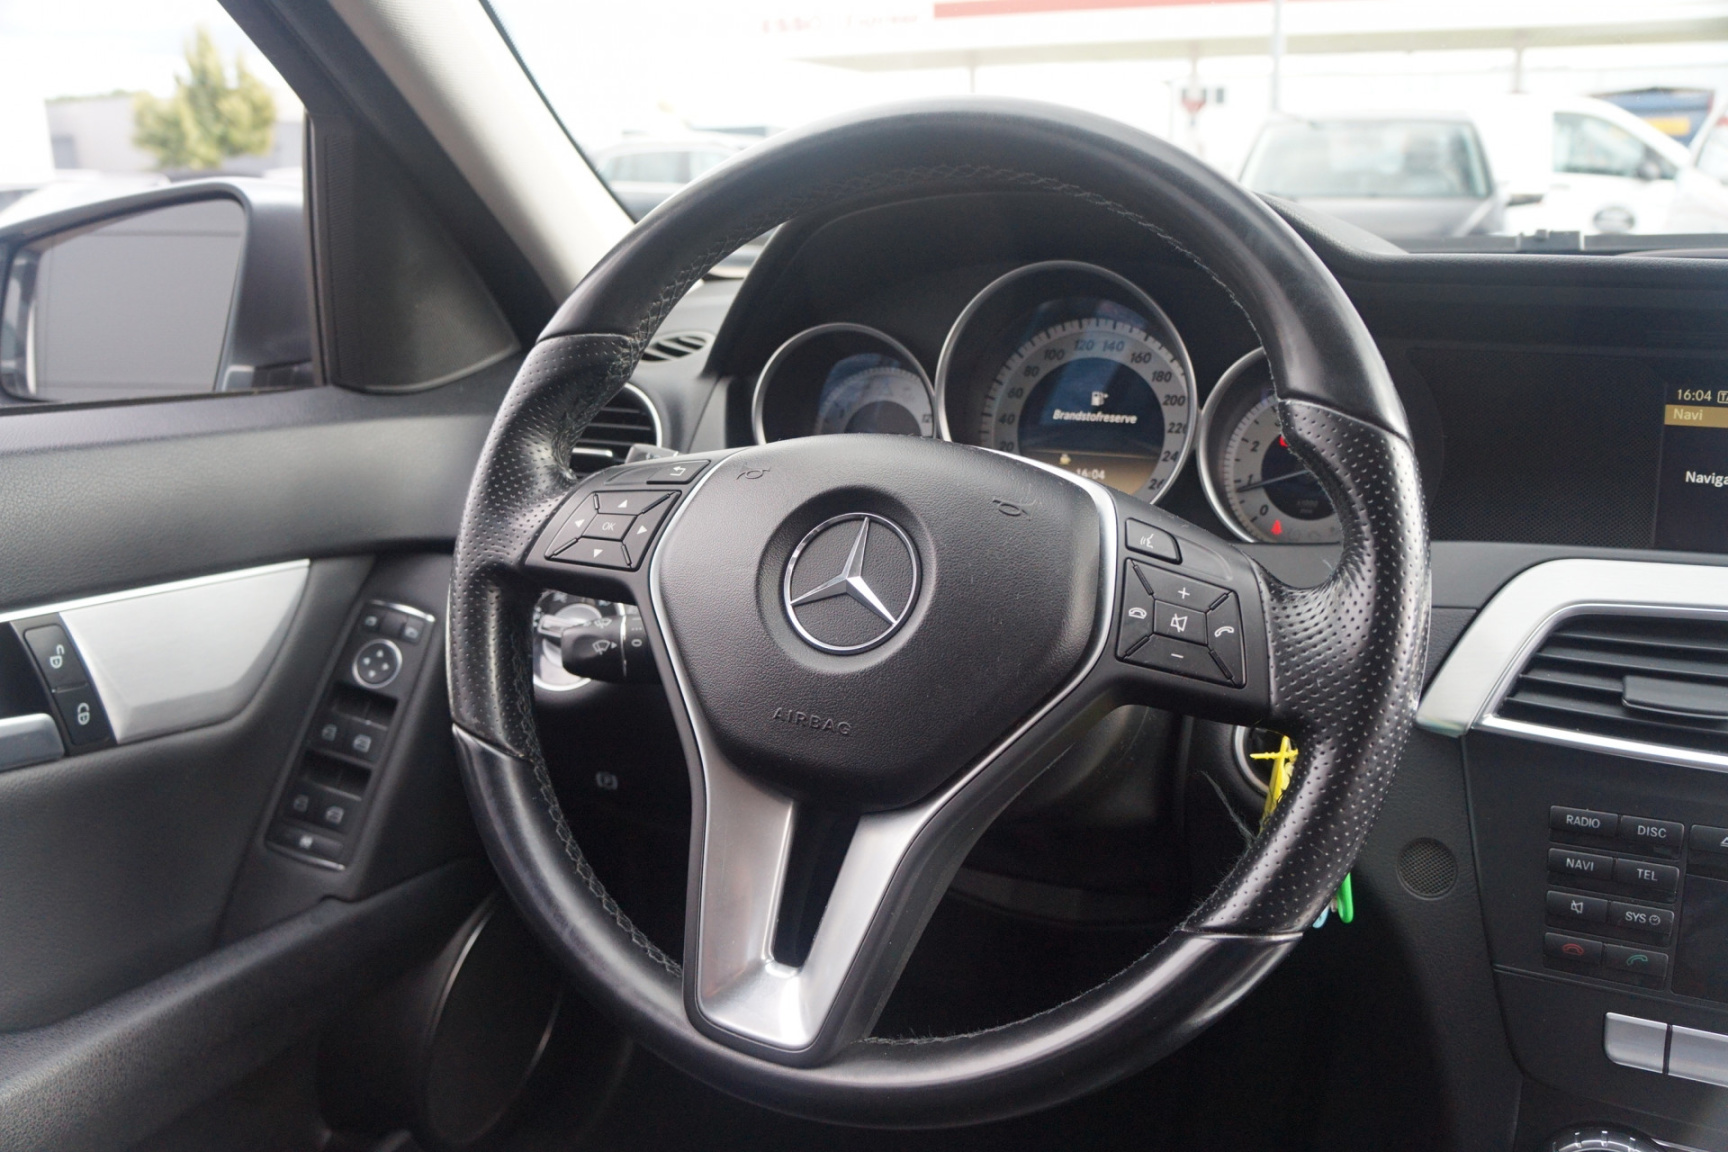 Mercedes-Benz-C-Klasse-11